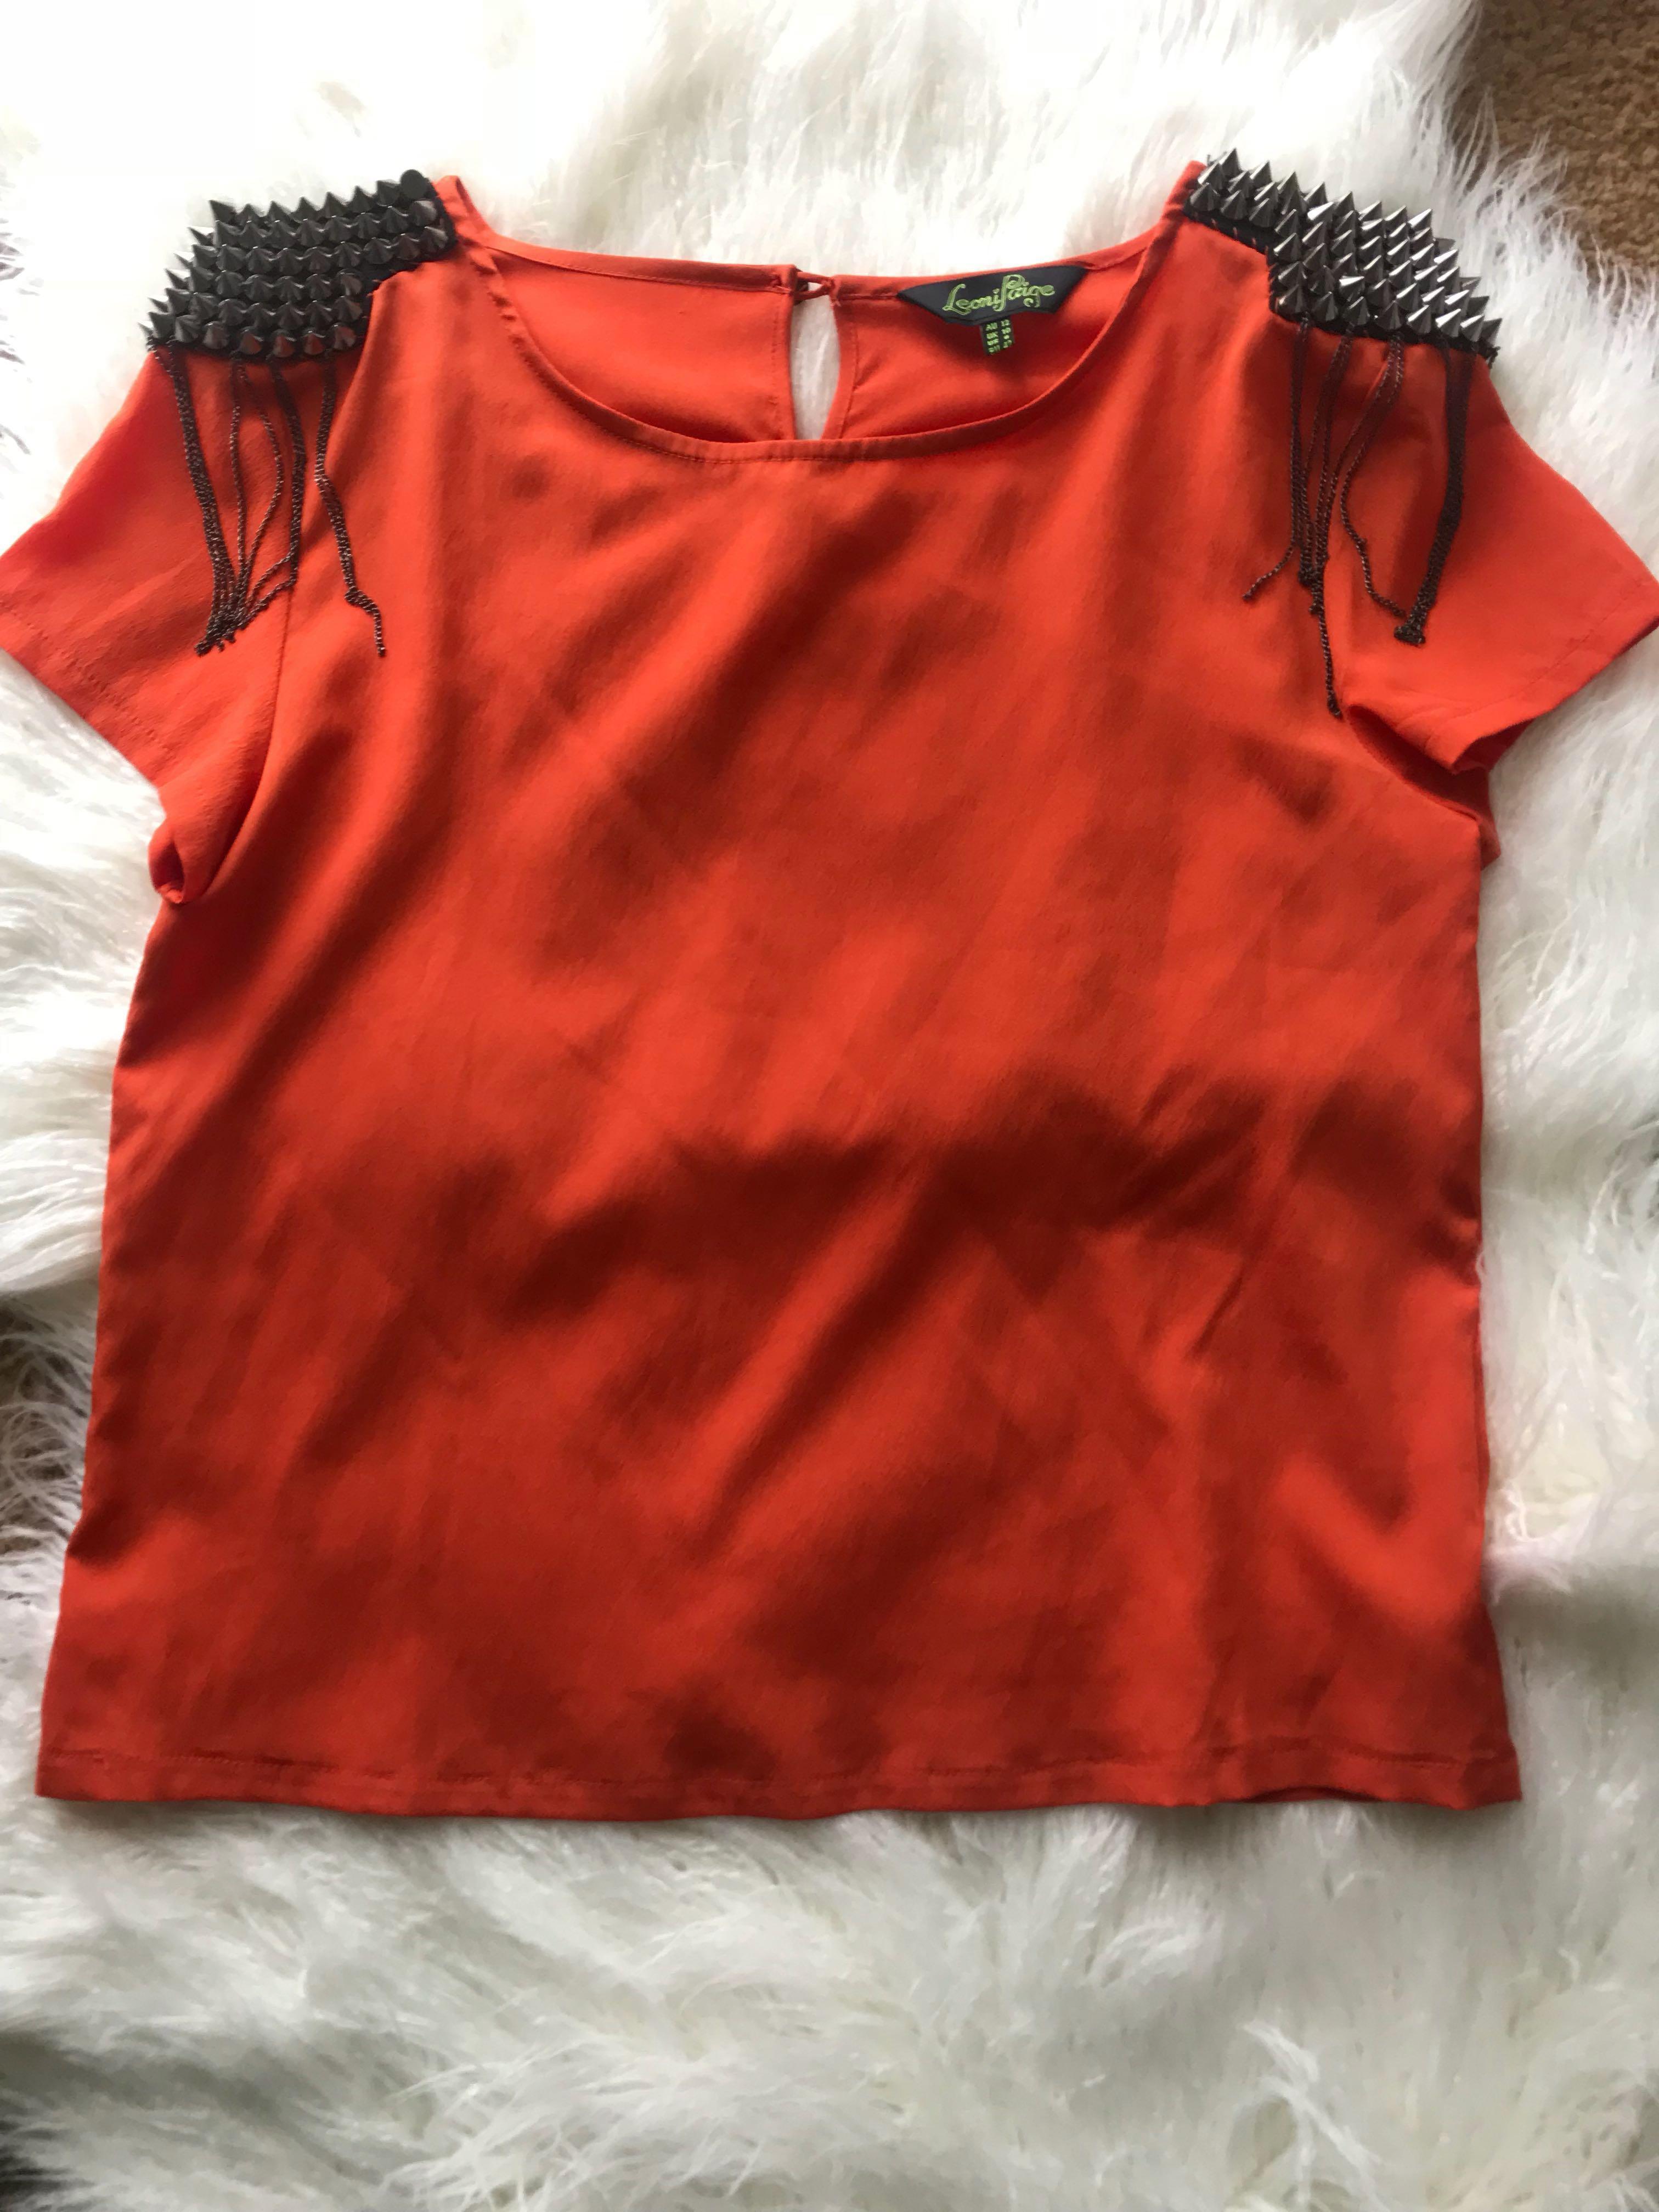 💕Leoni Page - Orange Studded Shoulder Top